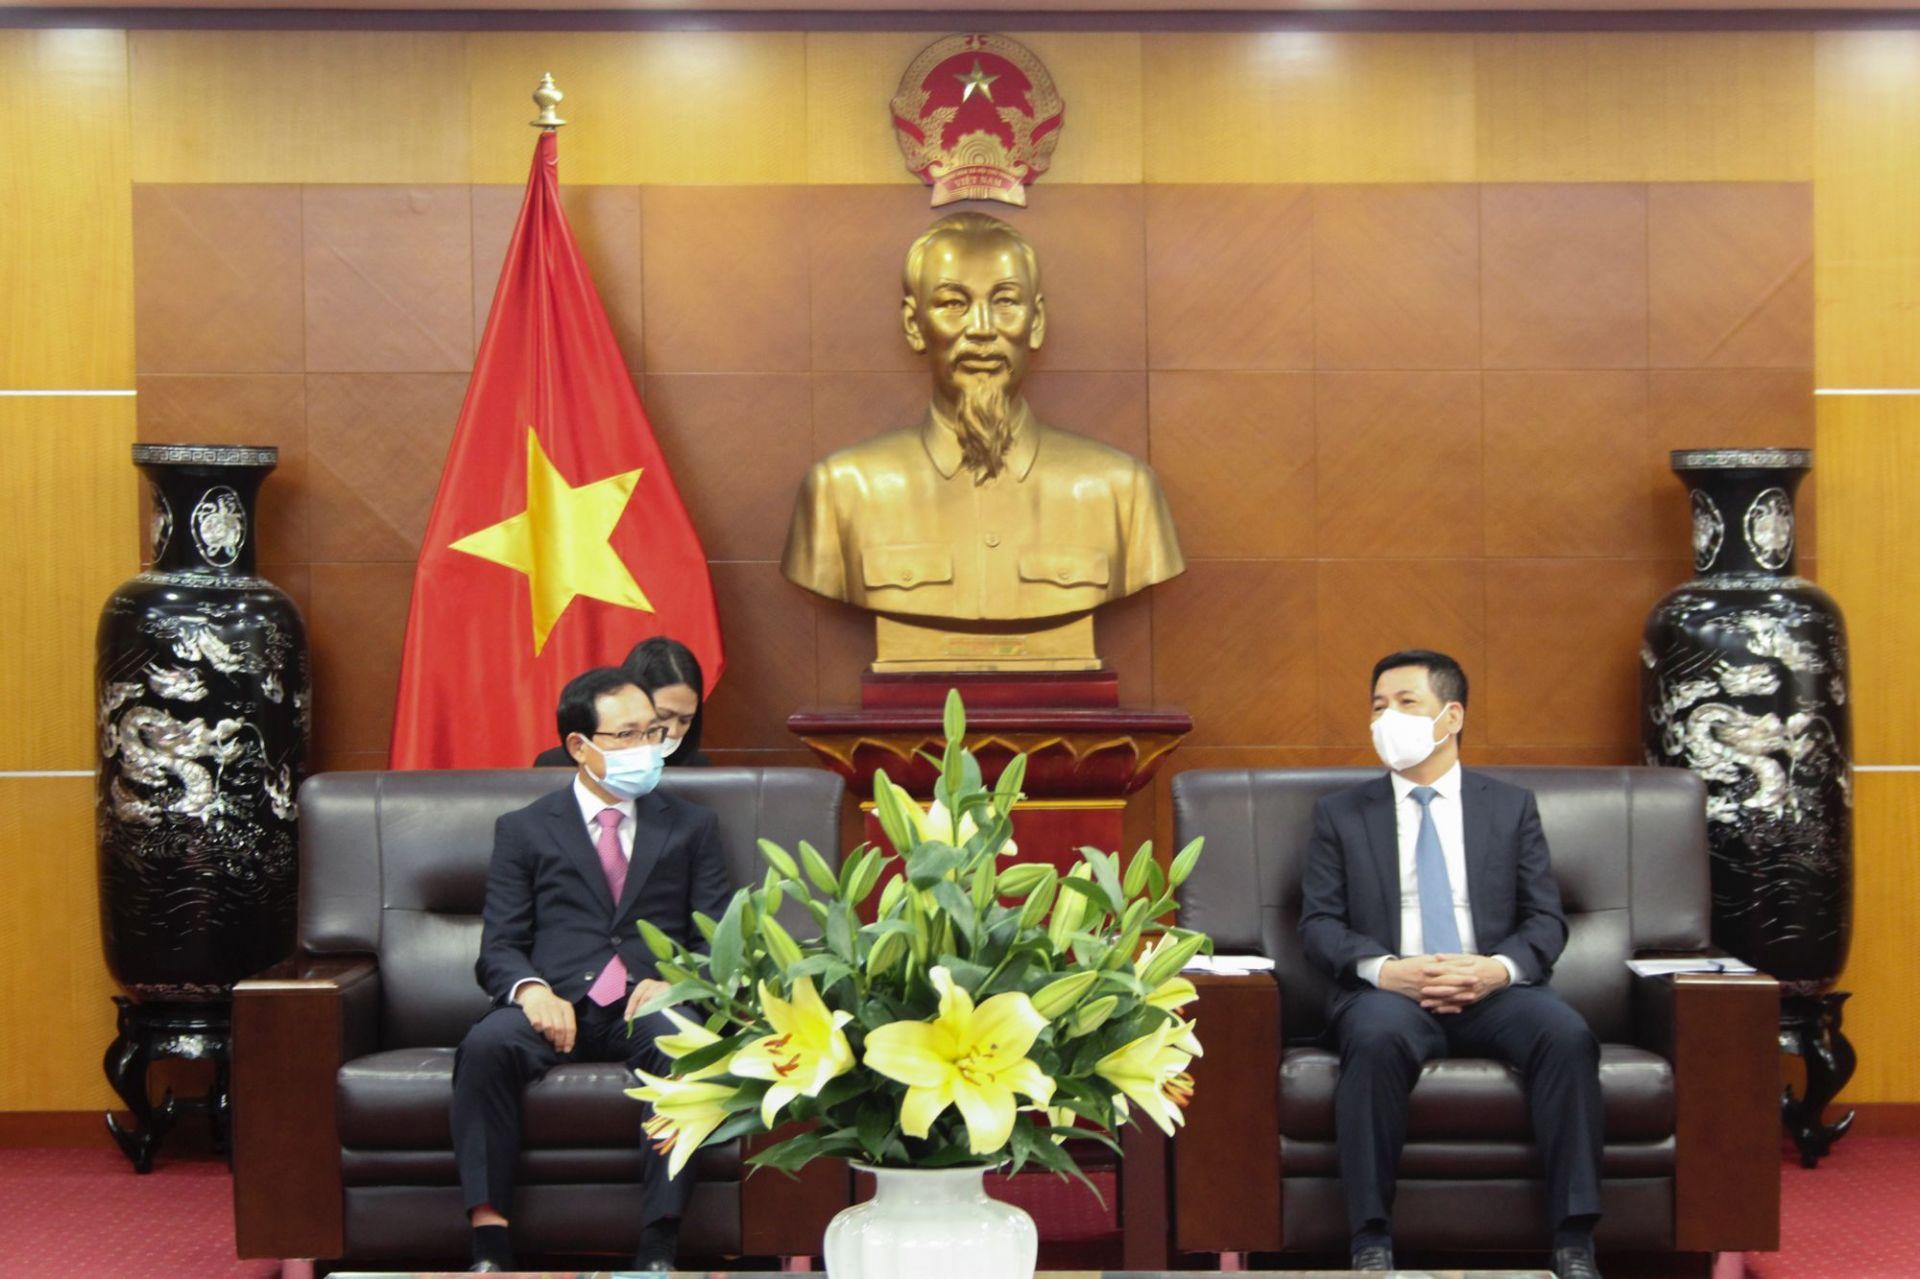 Bộ trưởng Bộ Công Thương Nguyễn Hồng Diên (bên phải) và Tổng Giám đốc Tổ hợp Samsung Việt Nam Choi Joo Ho (bên trái)